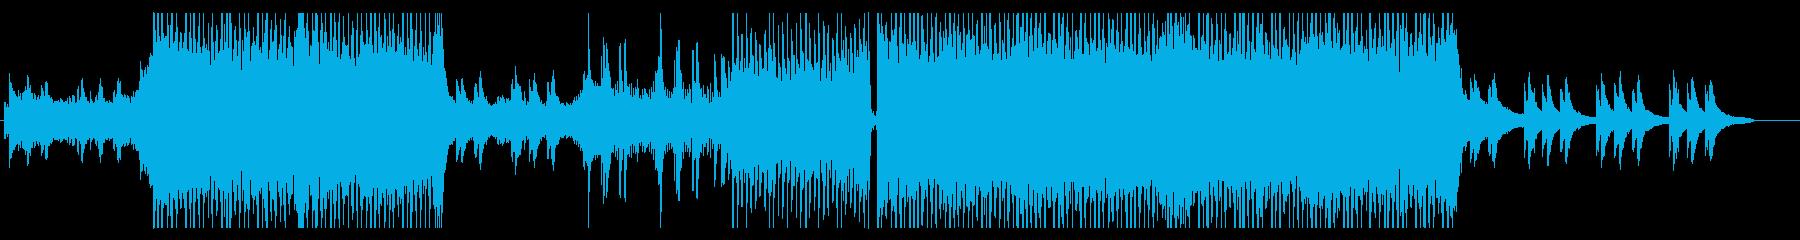 グルーヴと迫力のある 美メロ EDM の再生済みの波形